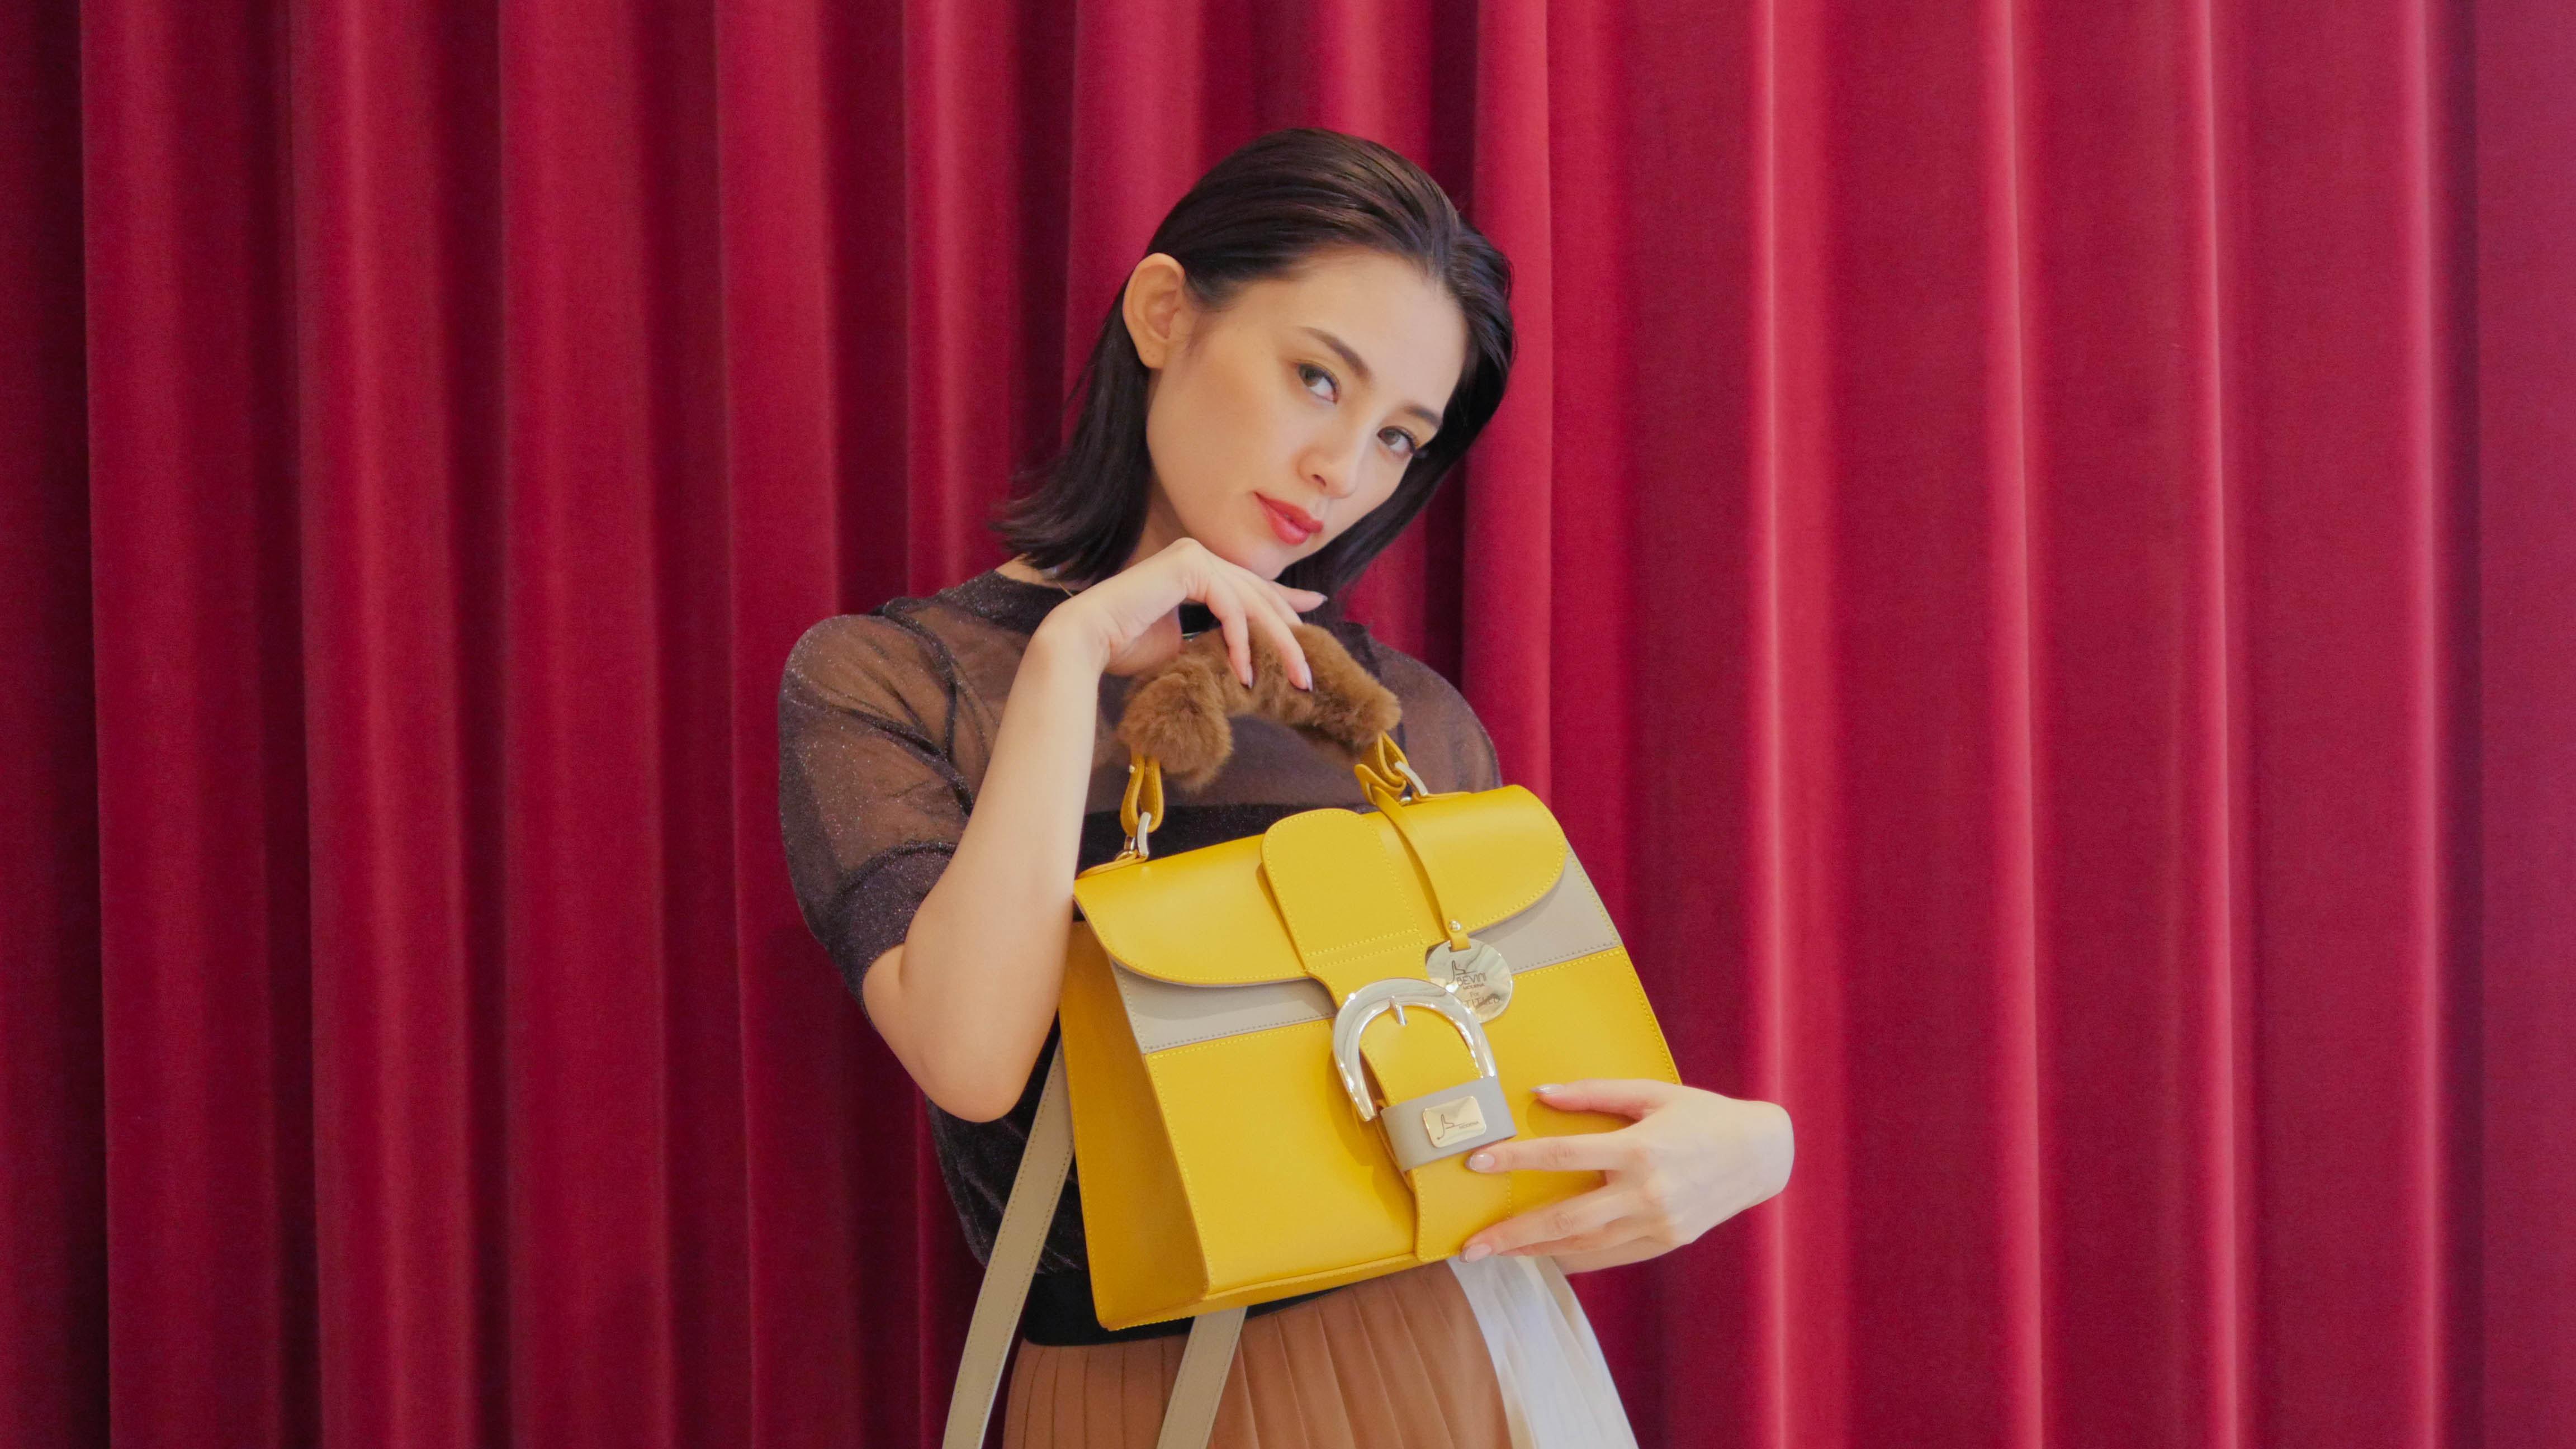 """今年のレザーバッグは""""ファー付き""""が豊富!小物で季節を取り入れよう"""